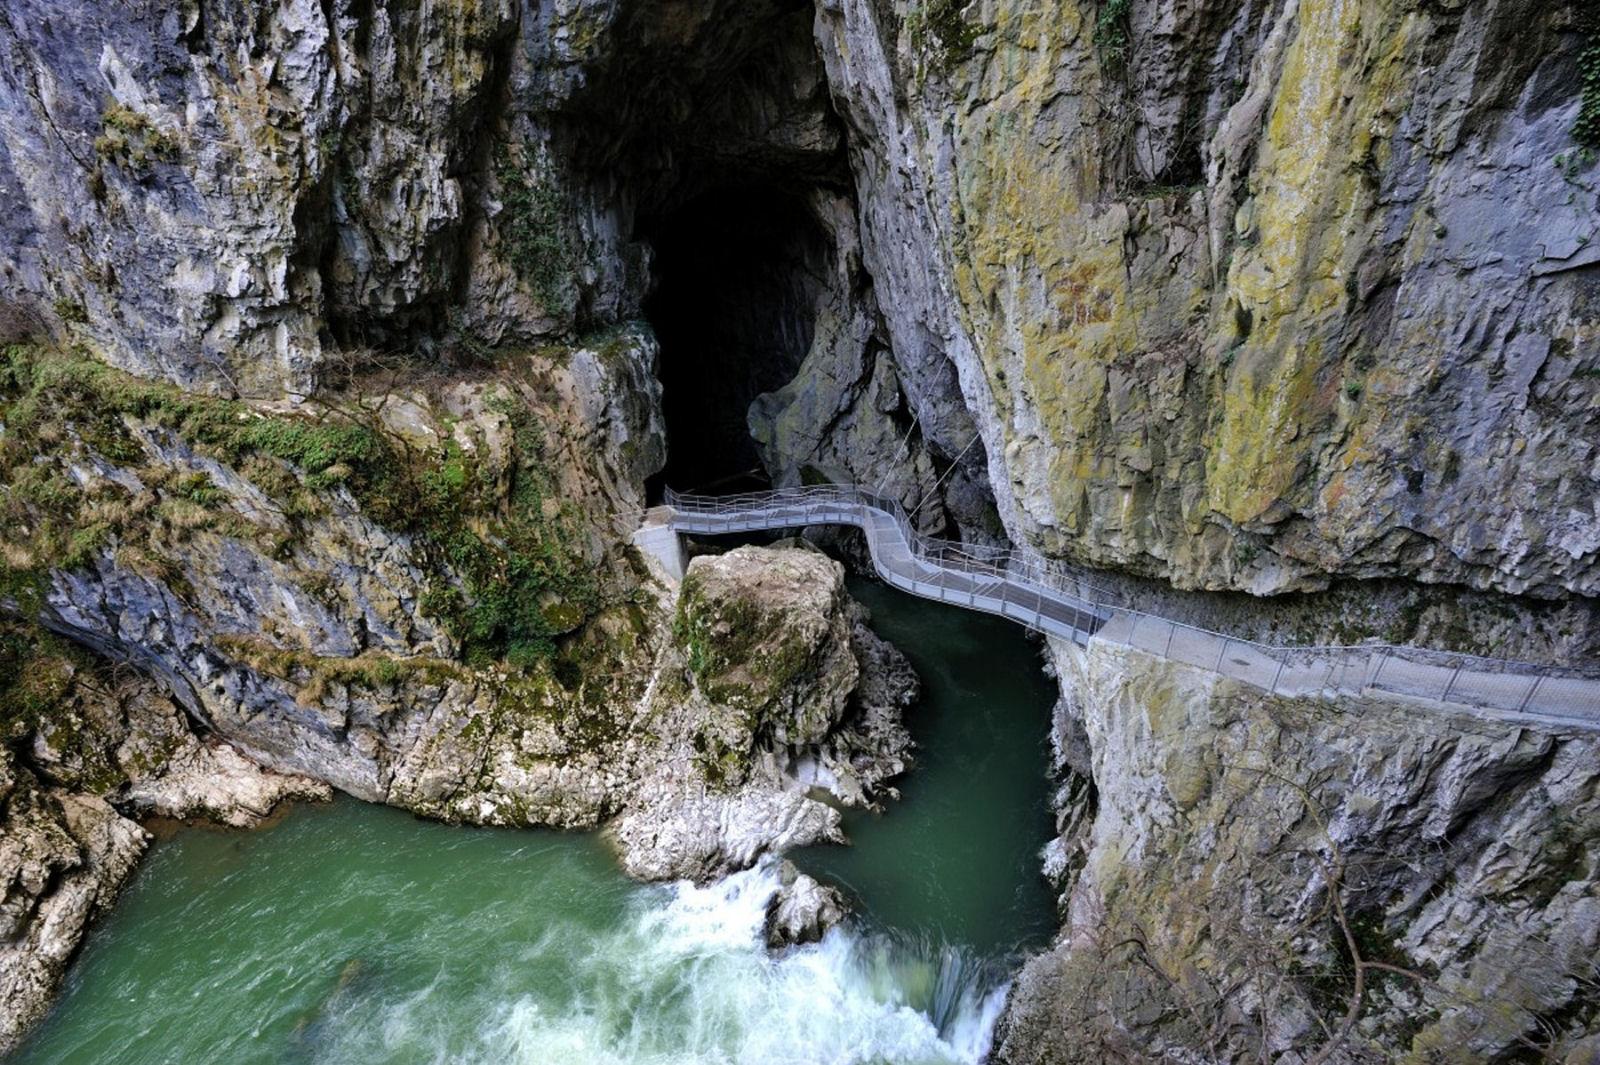 skocjan-cave-slovenia-3